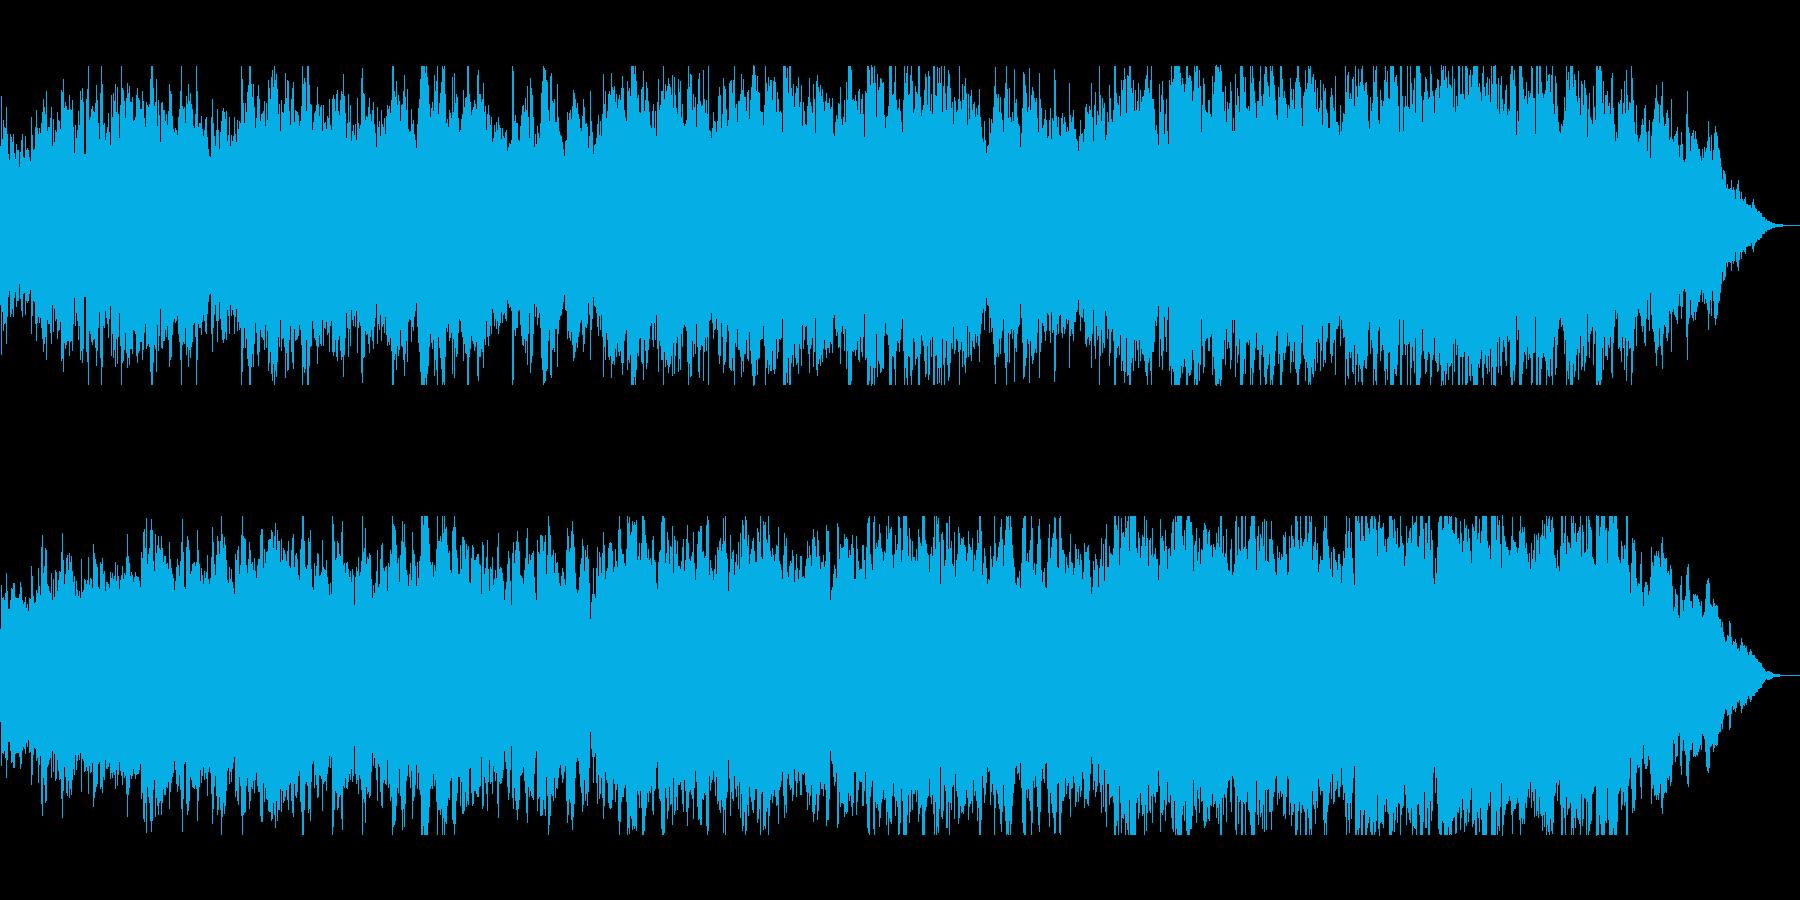 優しくゆったりシンセサウンドの再生済みの波形